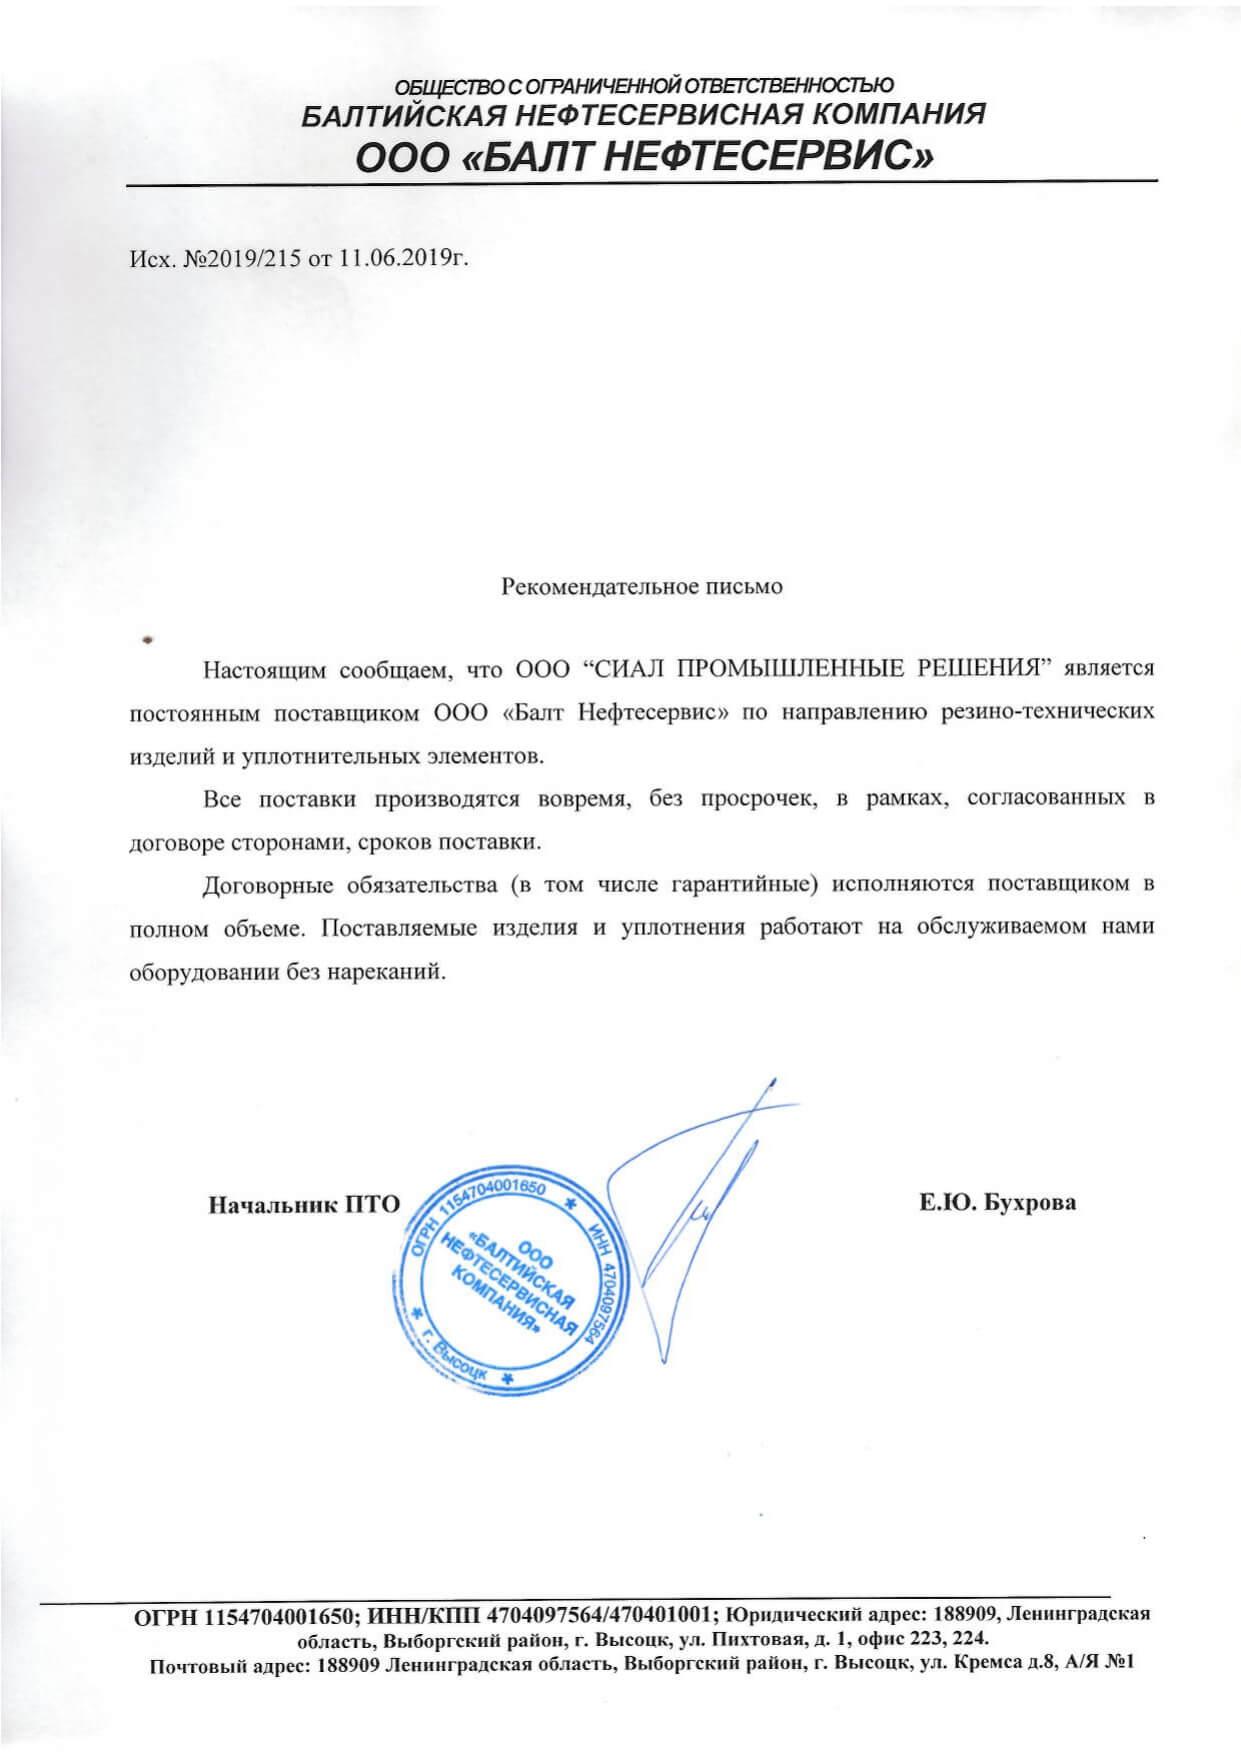 """Рекомендательное письмо от ООО """"Балт Нефтесервис"""""""